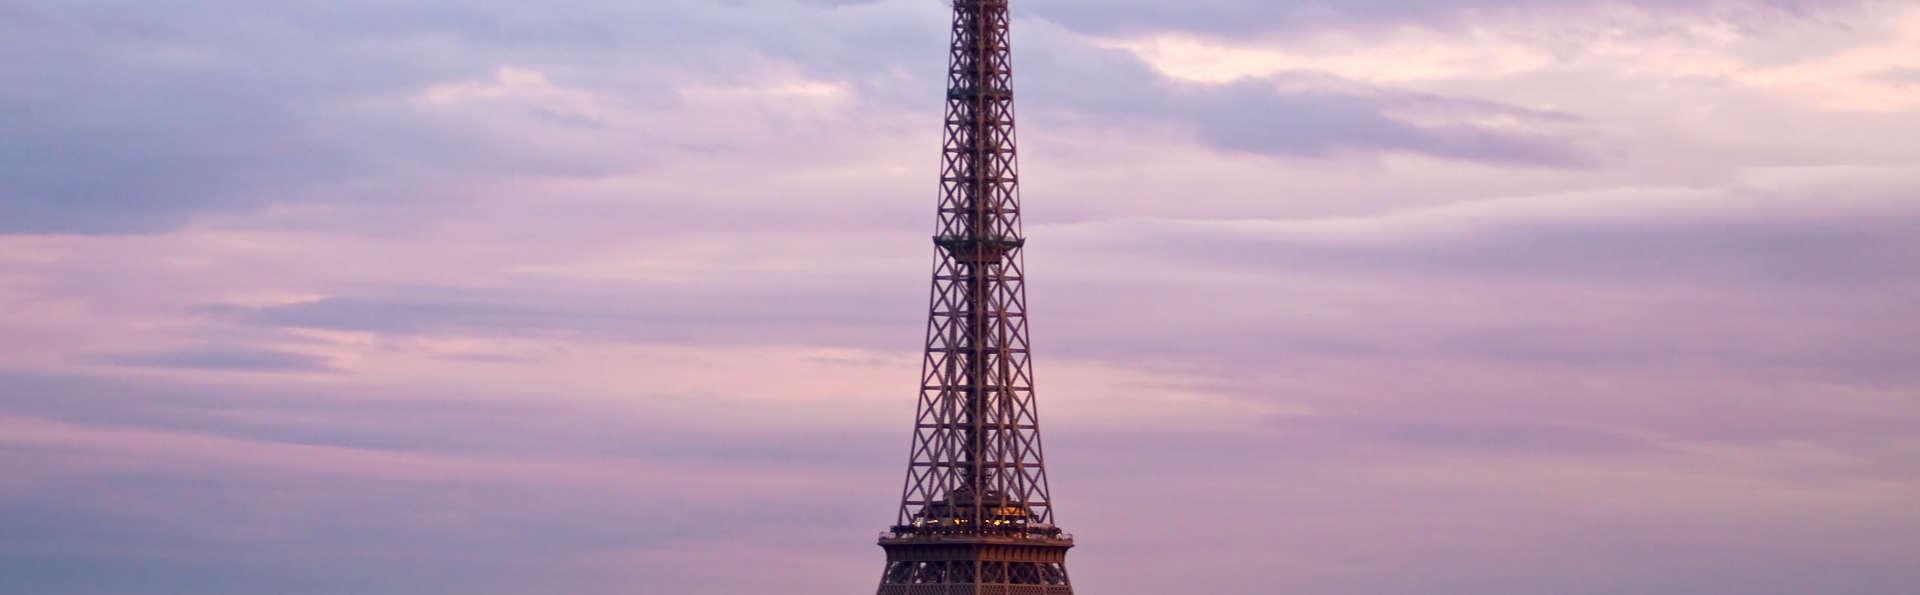 Week-end romantique avec champagne près de la Tour Eiffel